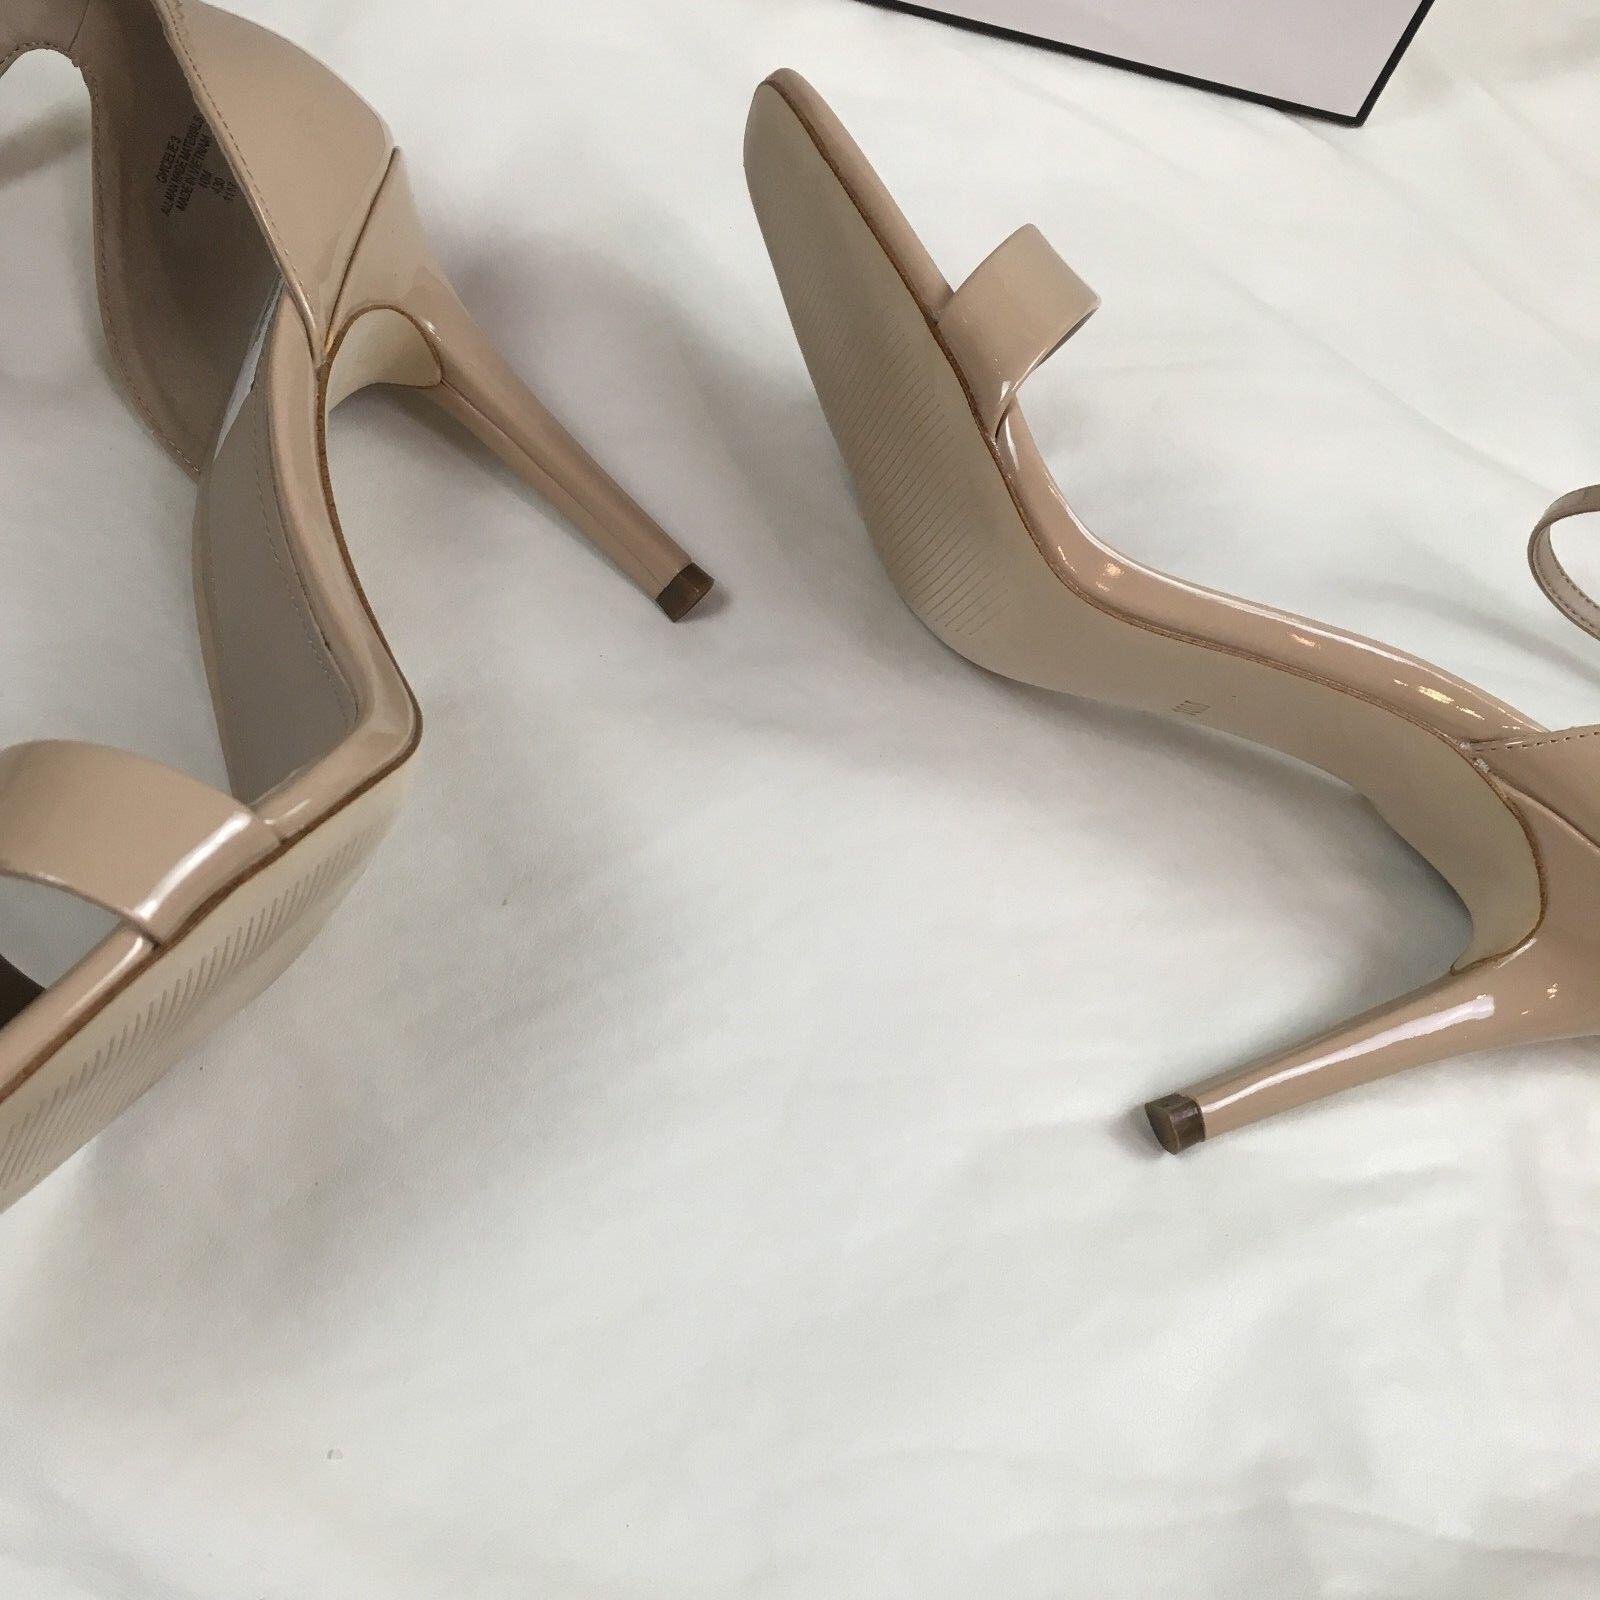 Guess Damens Light Natural LL Nude Schuhe Celie 3 Sandale Heel Schuhe Nude Career Work Größe 10 M 72d268